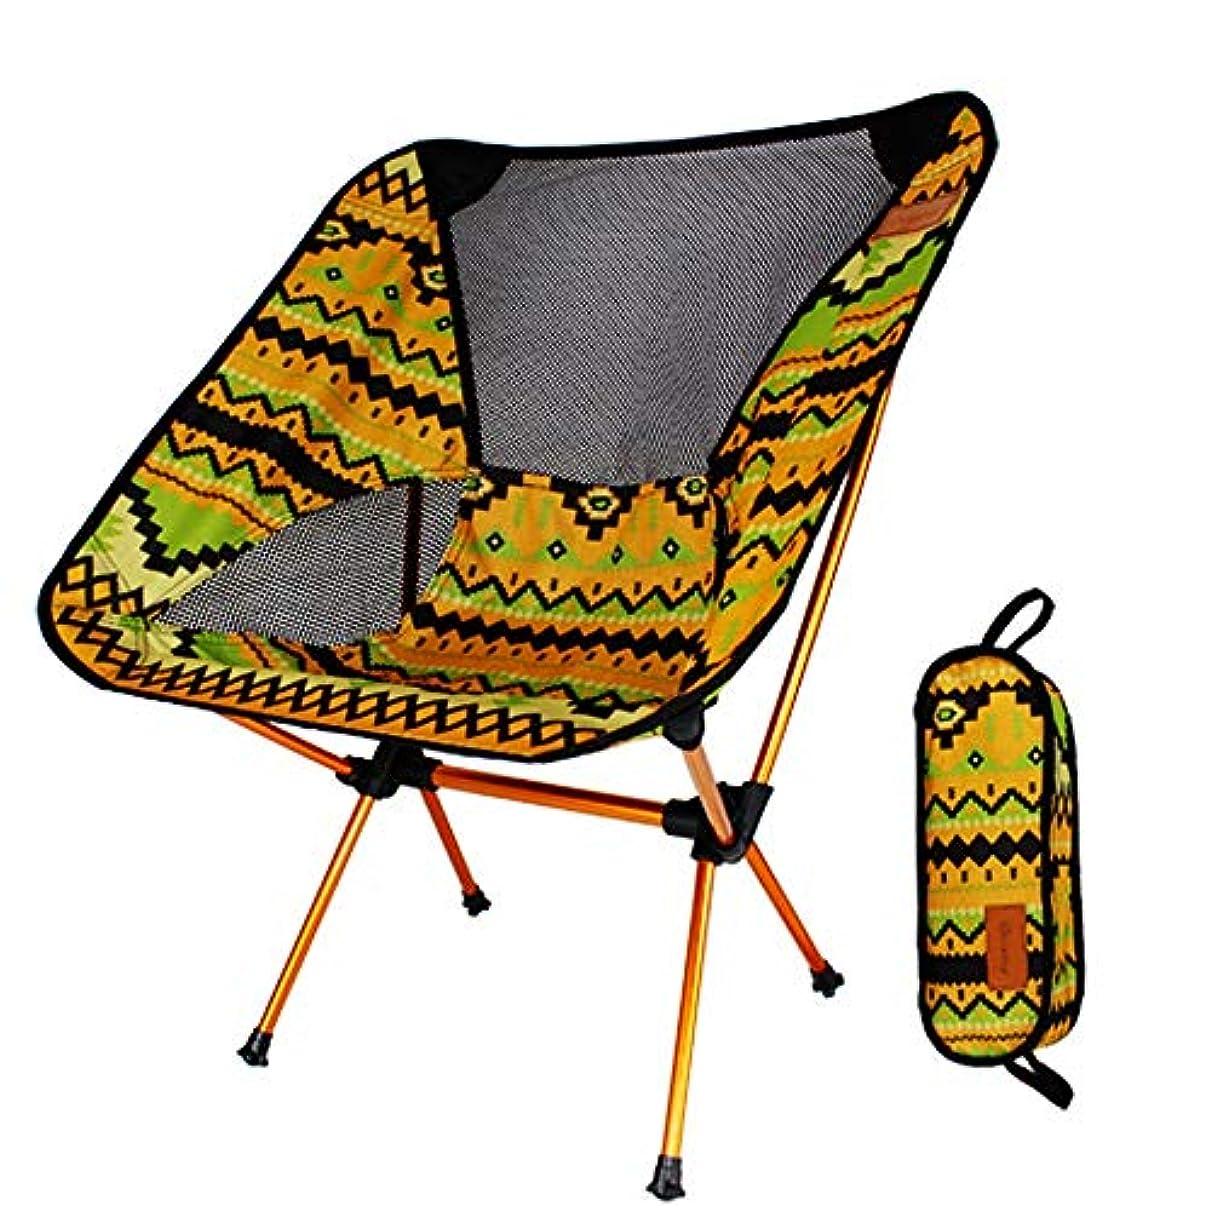 れんが同情機構丈夫な折りたたみ式ビーチキャリーバッグが付いている携帯用軽量のキャンプ用椅子、屋外のハイキングのキャンプ用ビーチに最適 あらゆる種類の野外活動に適しています (色 : 黄, サイズ : 57X35X65cm)